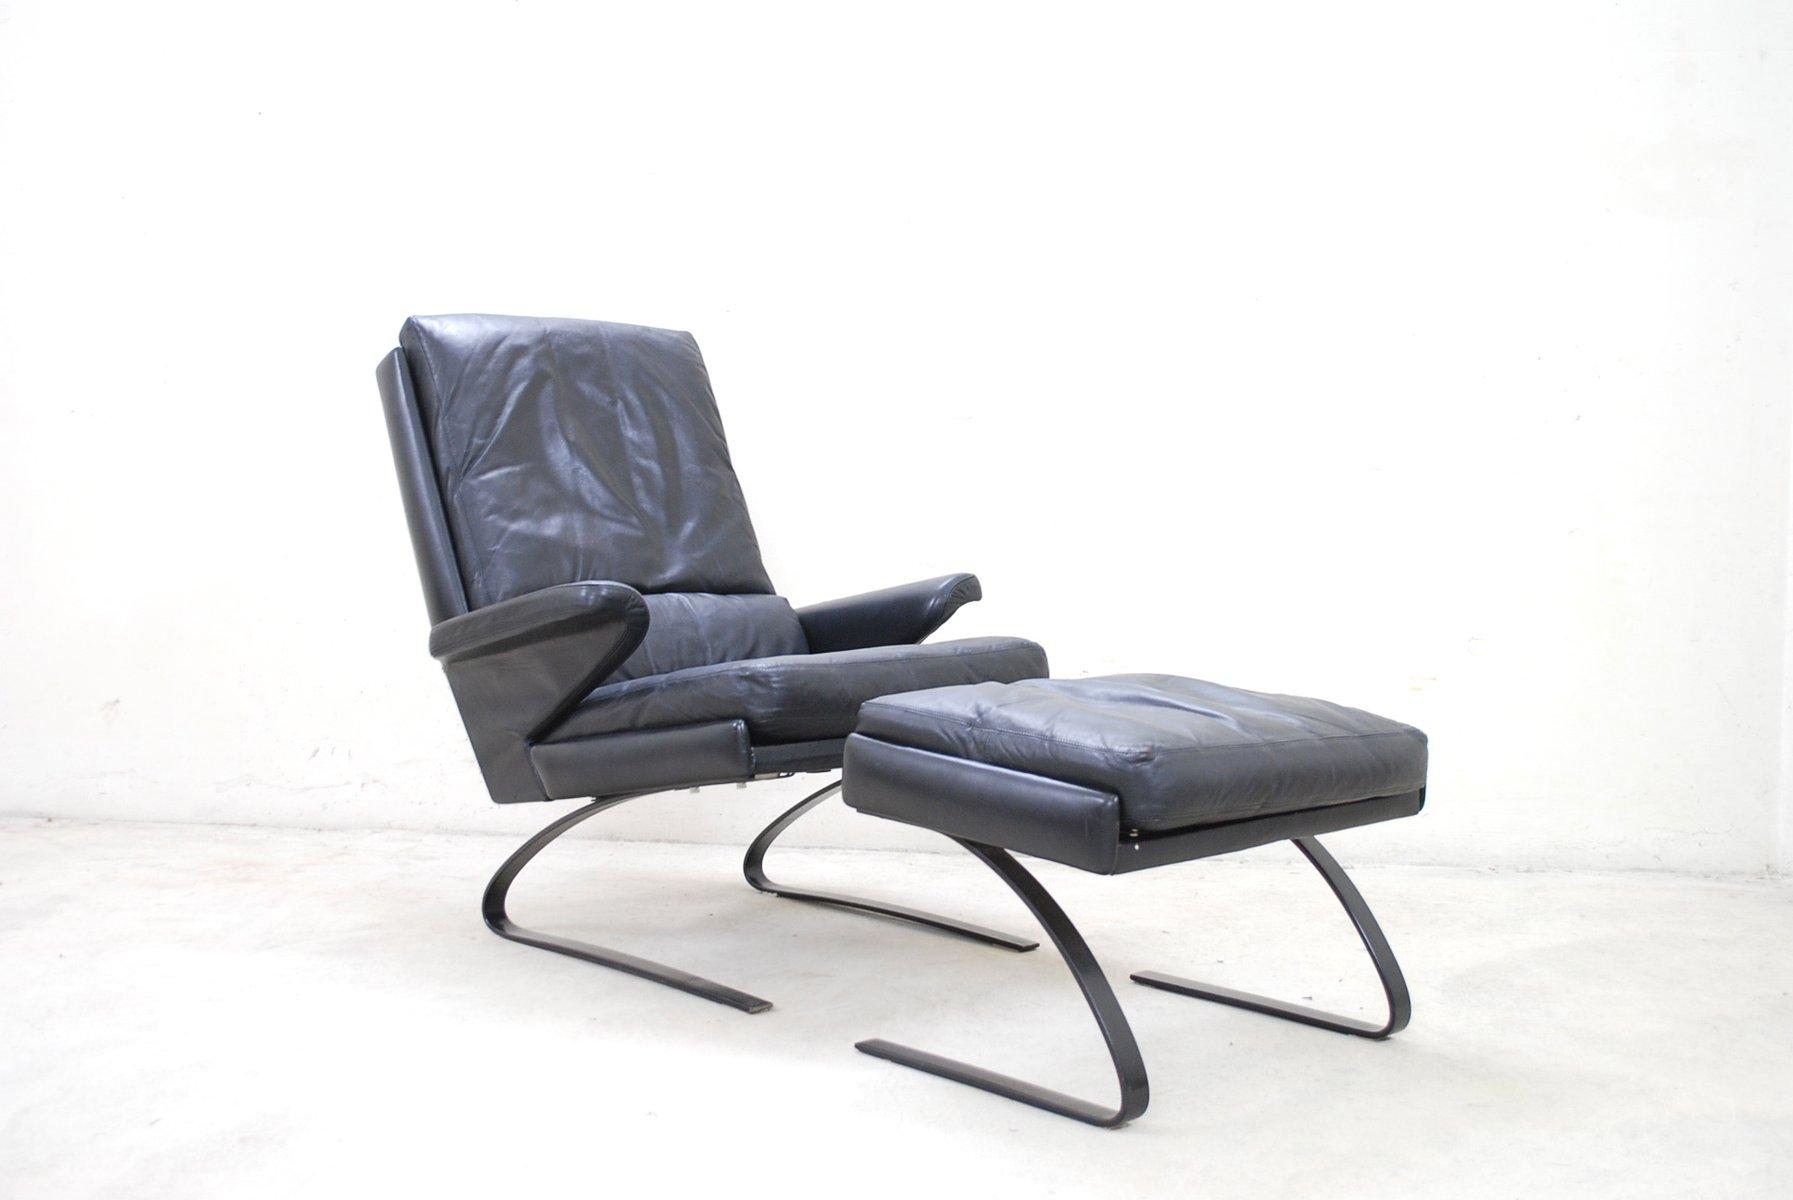 Malerisch Ottomane Recamiere Das Beste Von Black Swing Lounge Chair Amp Ottoman By